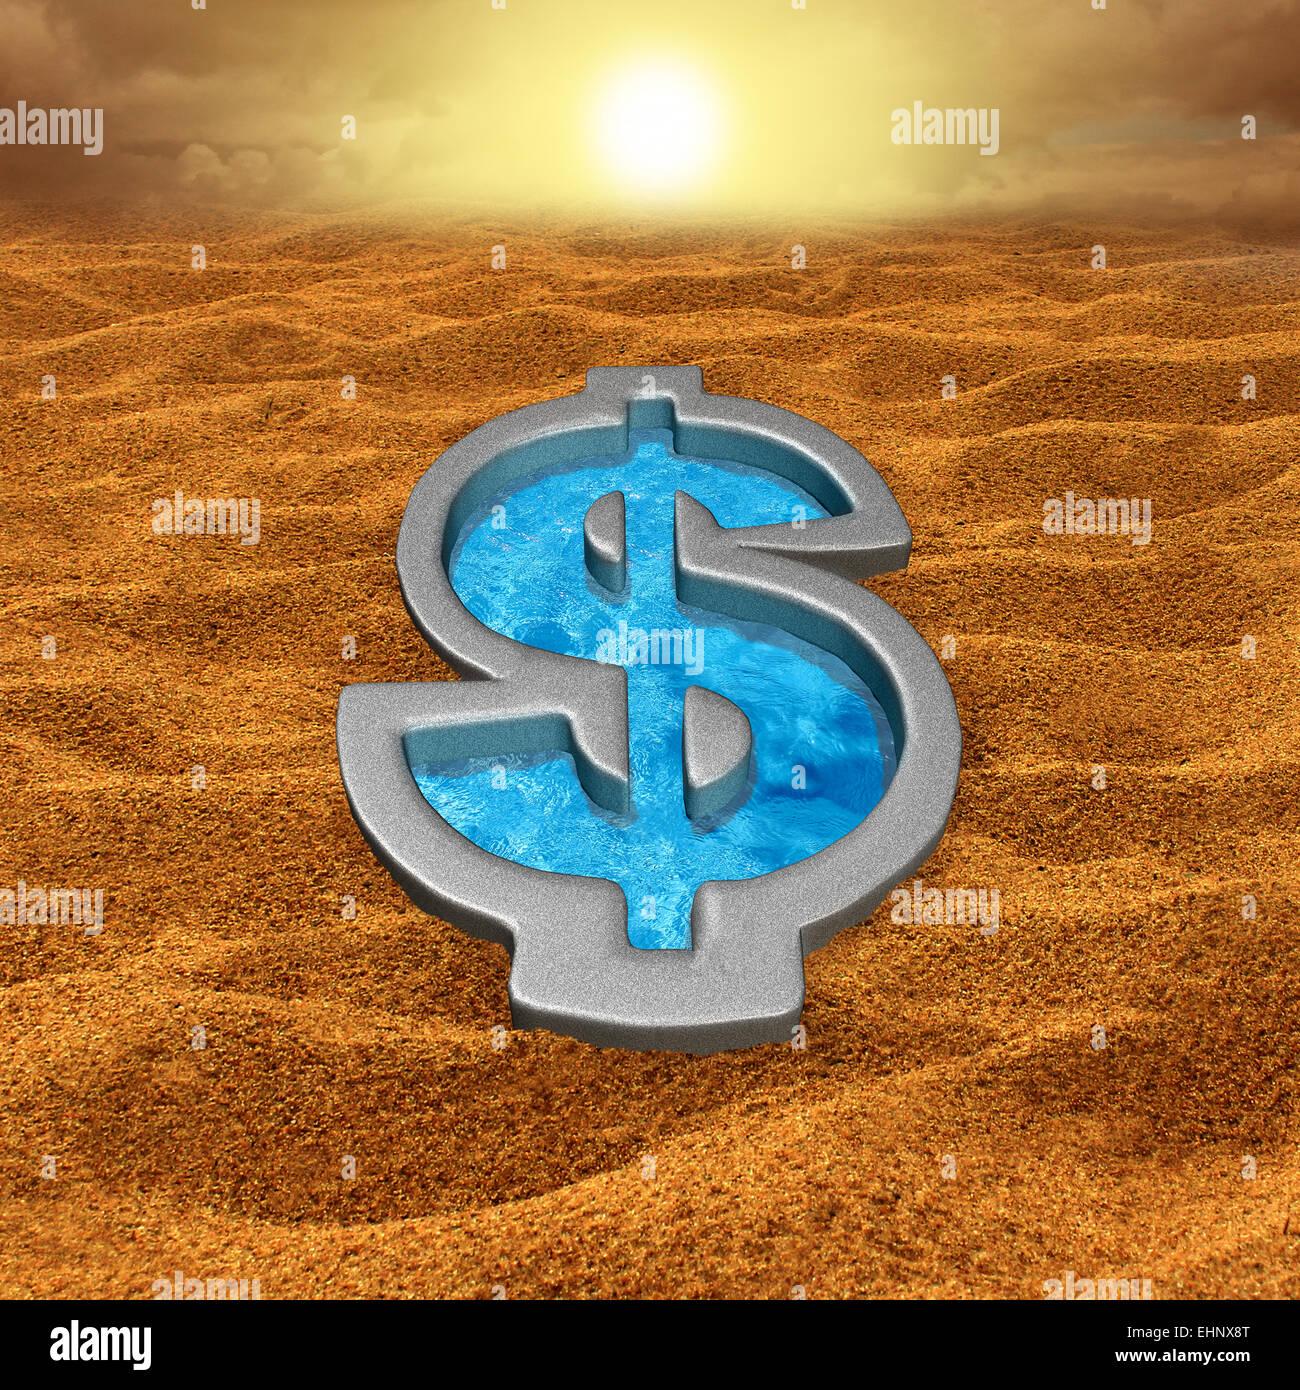 Finanzielle Entlastung und Schulden Hilfe Konzept als Dollarzeichen geformten Swimmingpool mit frischem kaltem Wasser Stockbild